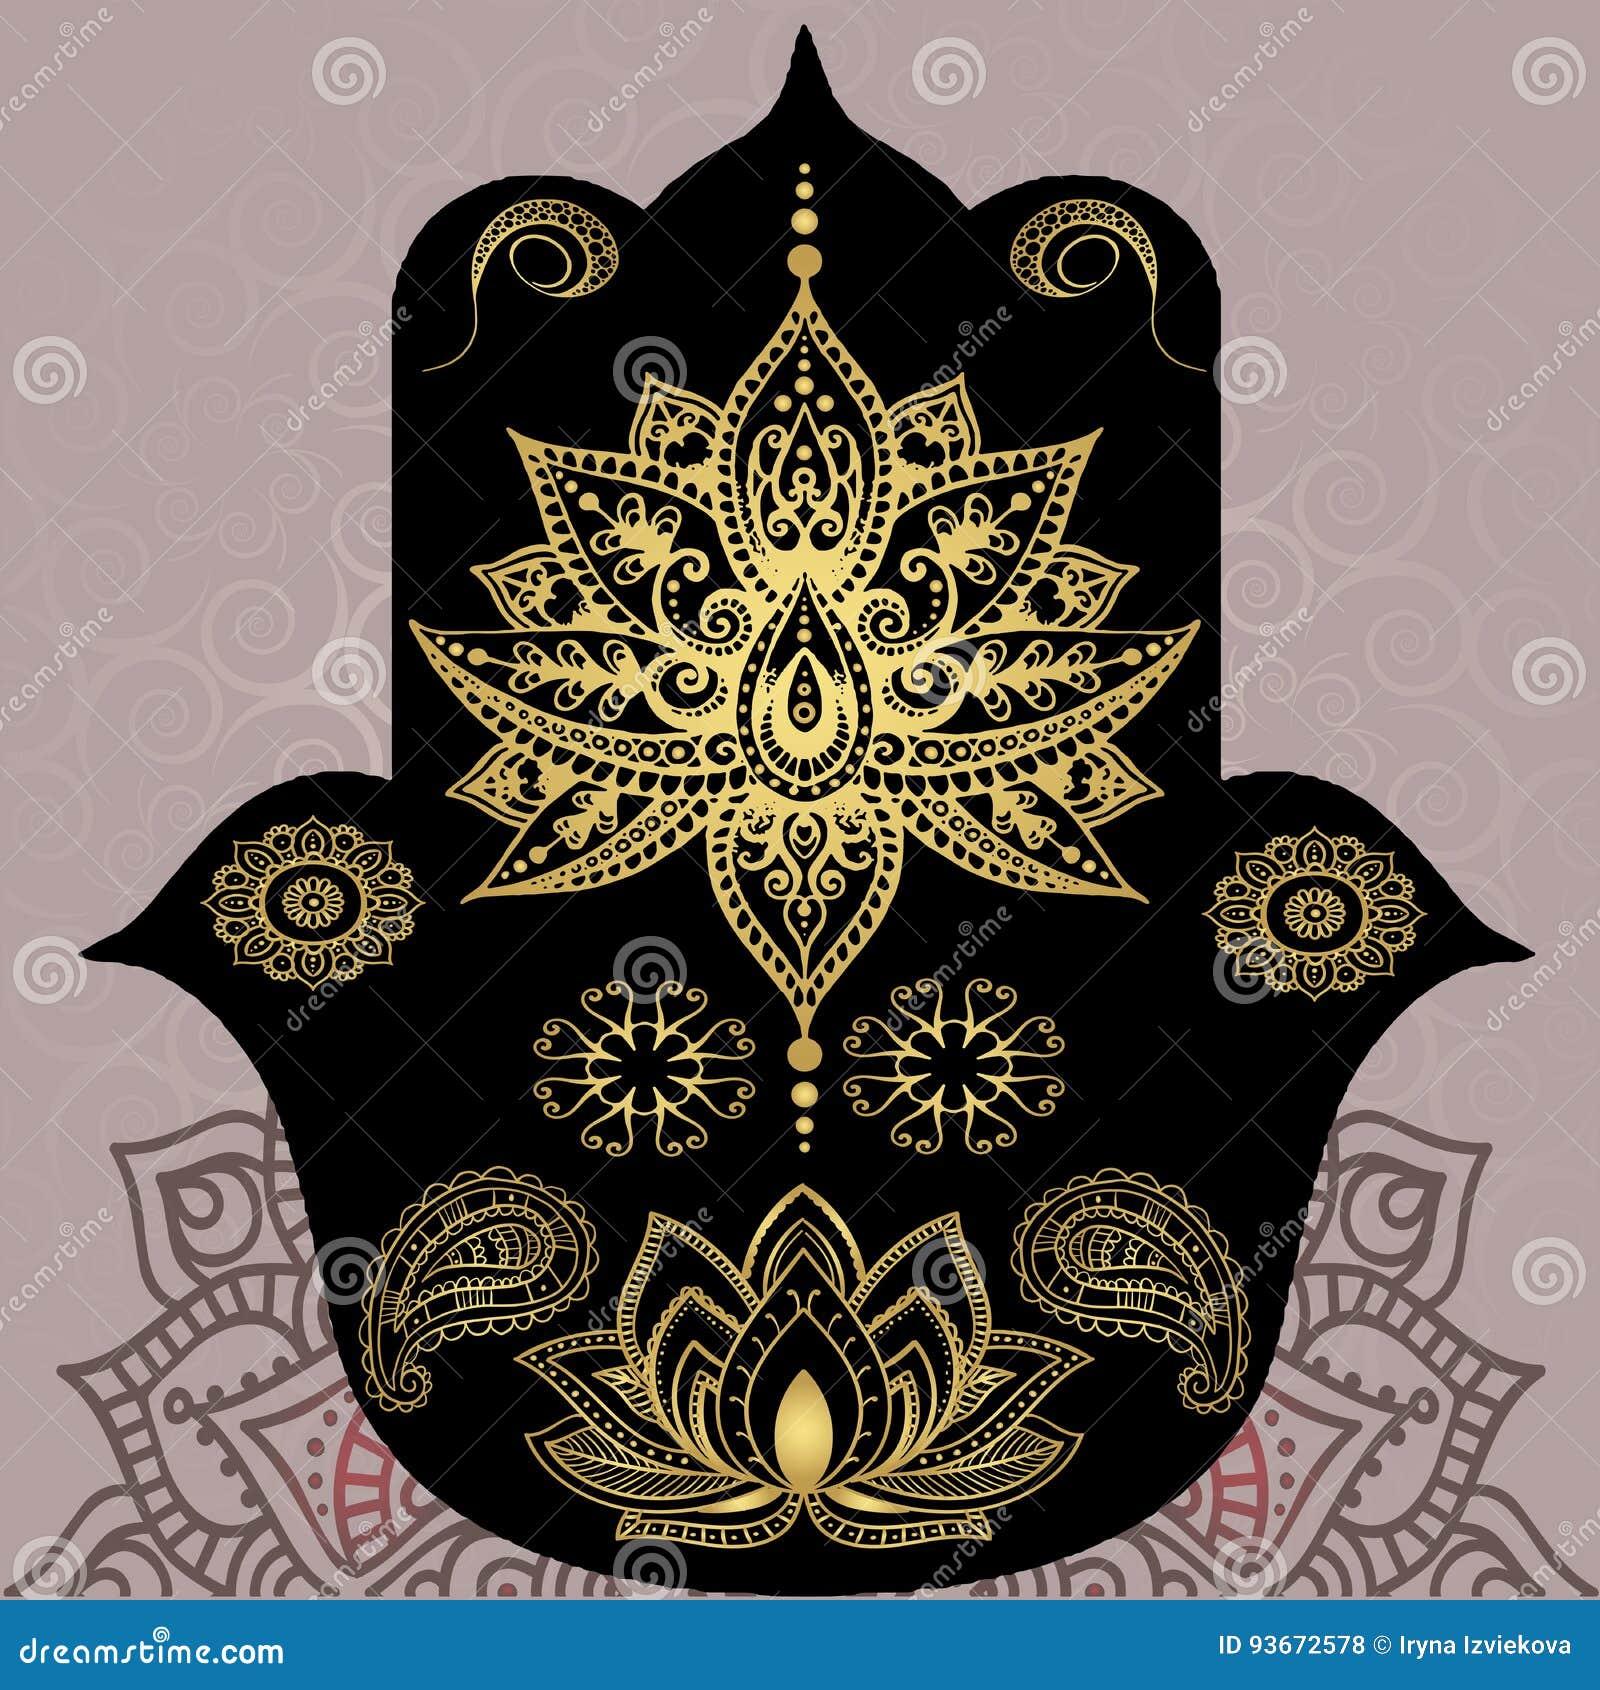 Golden Symbols Of Buddhism Mandala Henna Hamsa Indian Style